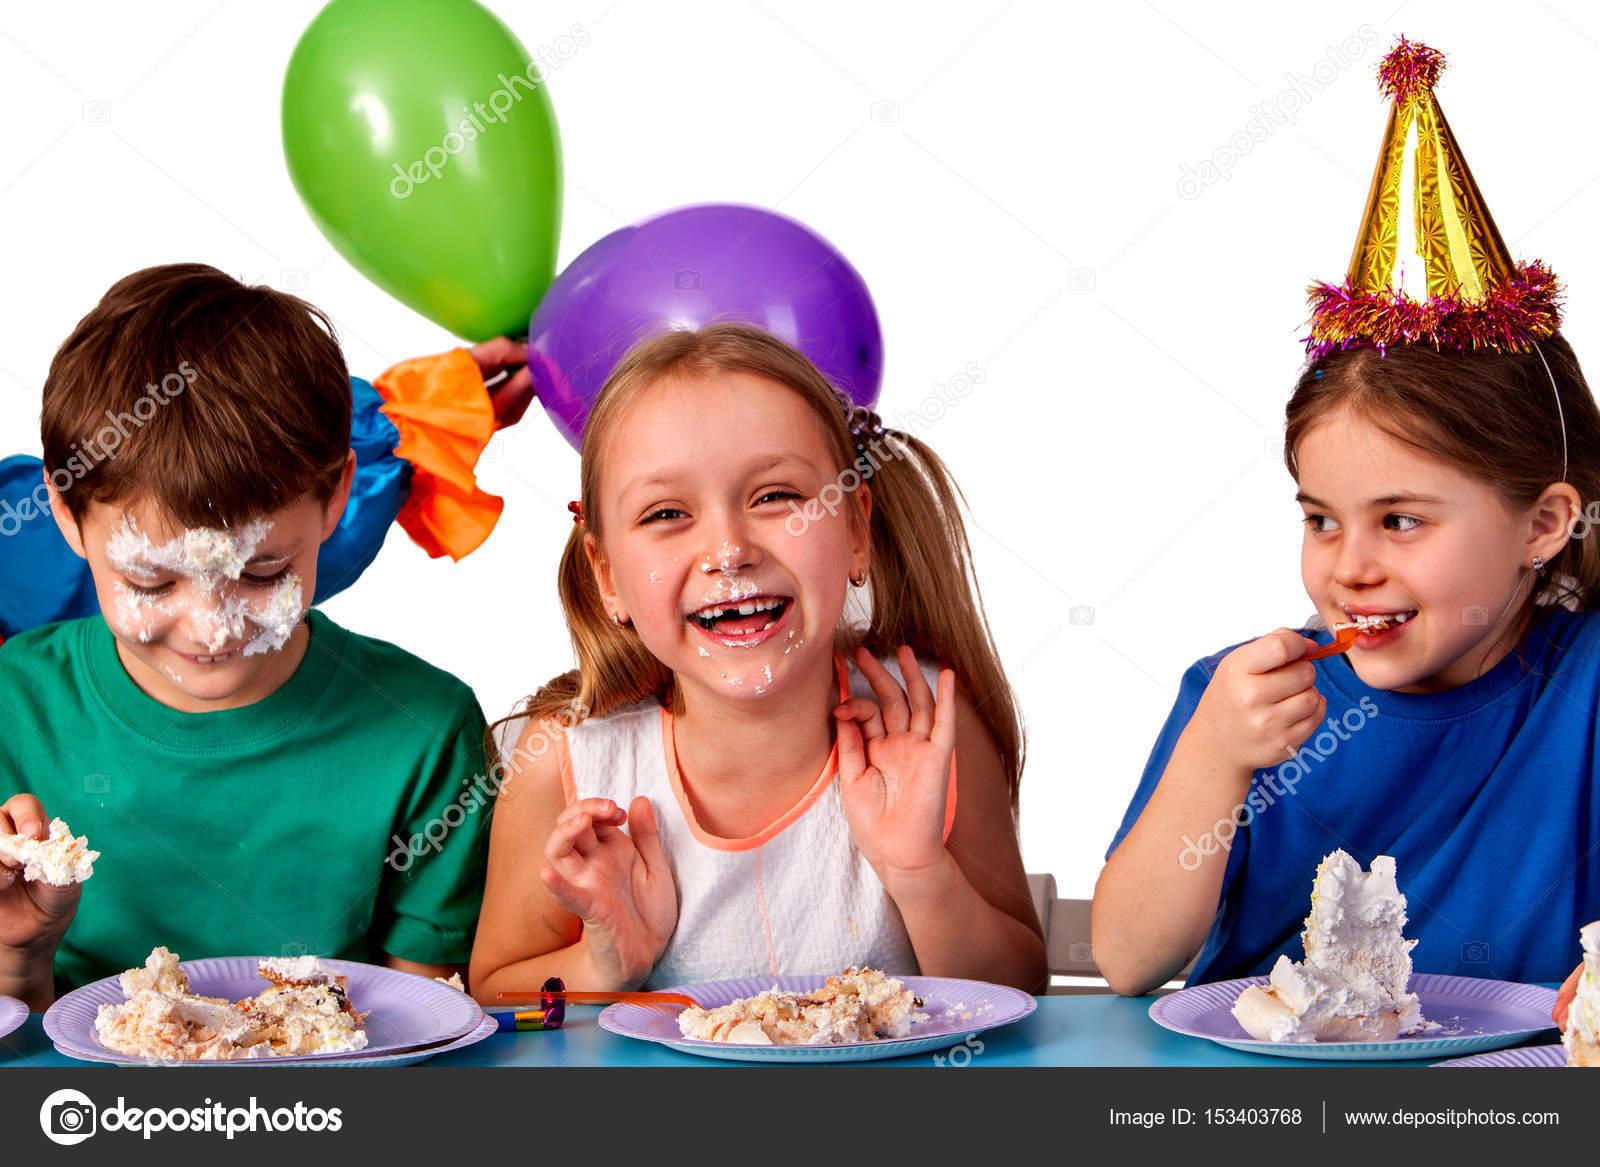 Nino Feliz Comiendo Pastel Cumpleanos Ninos Celebran La Fiesta Y - Fiestas-cumpleaos-nios